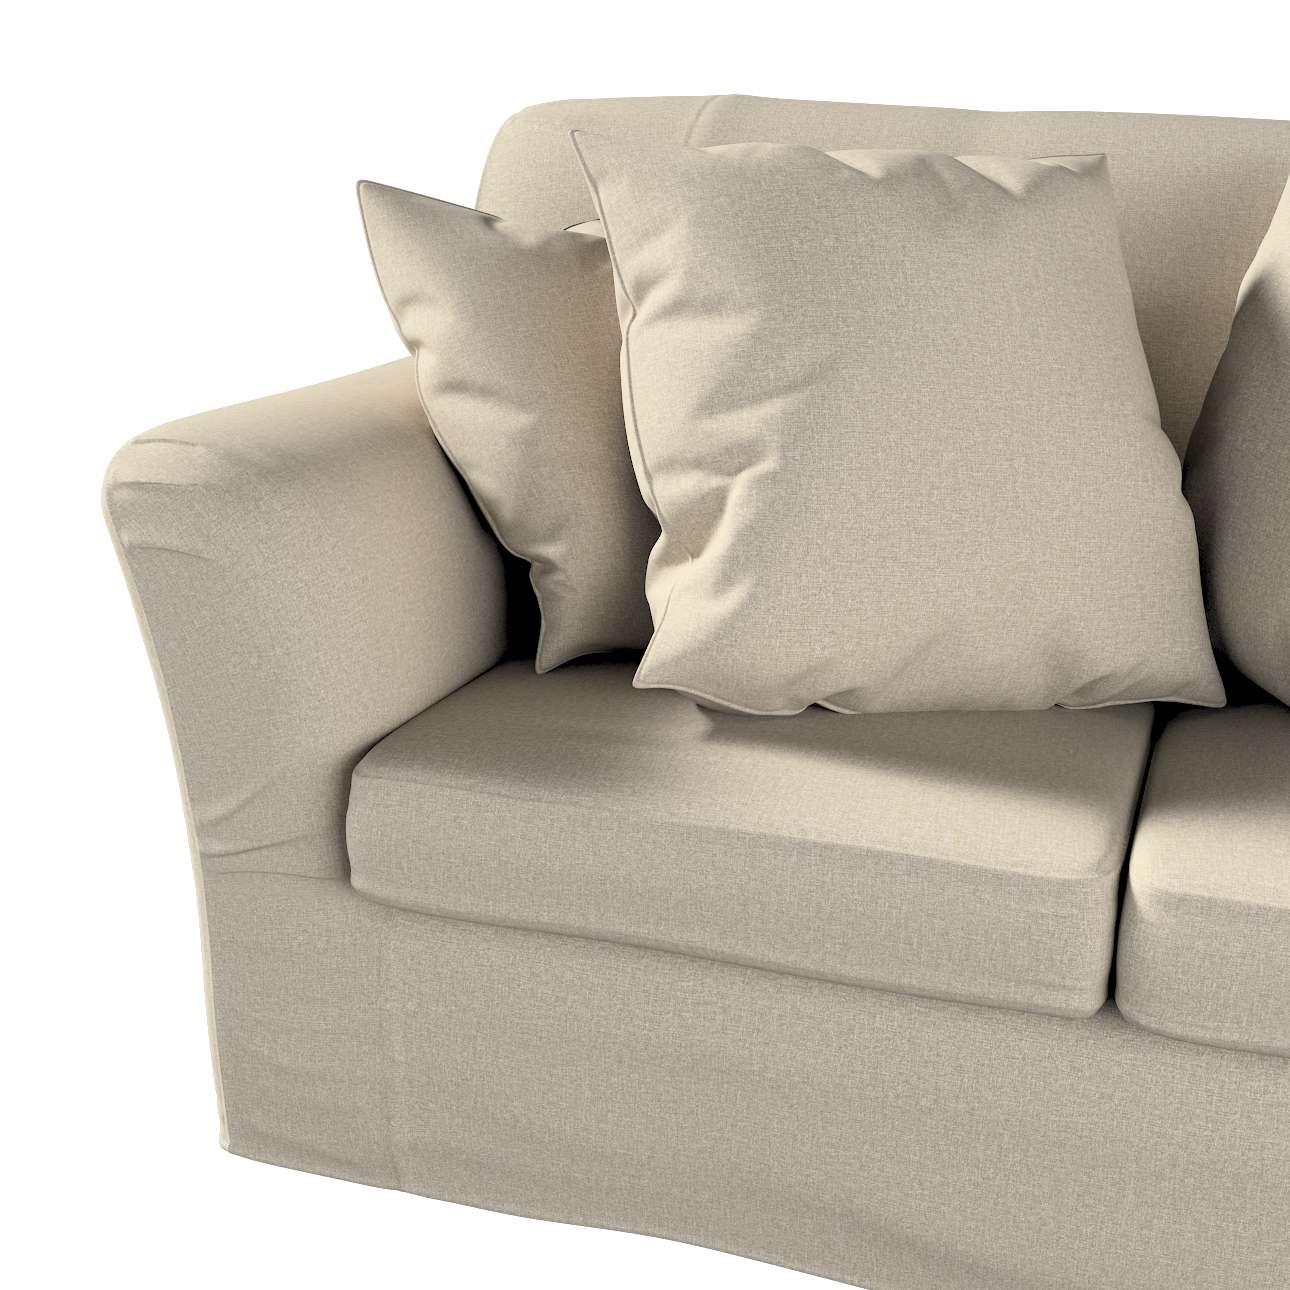 Pokrowiec na sofę Tomelilla 2-osobową nierozkładaną w kolekcji Amsterdam, tkanina: 704-52